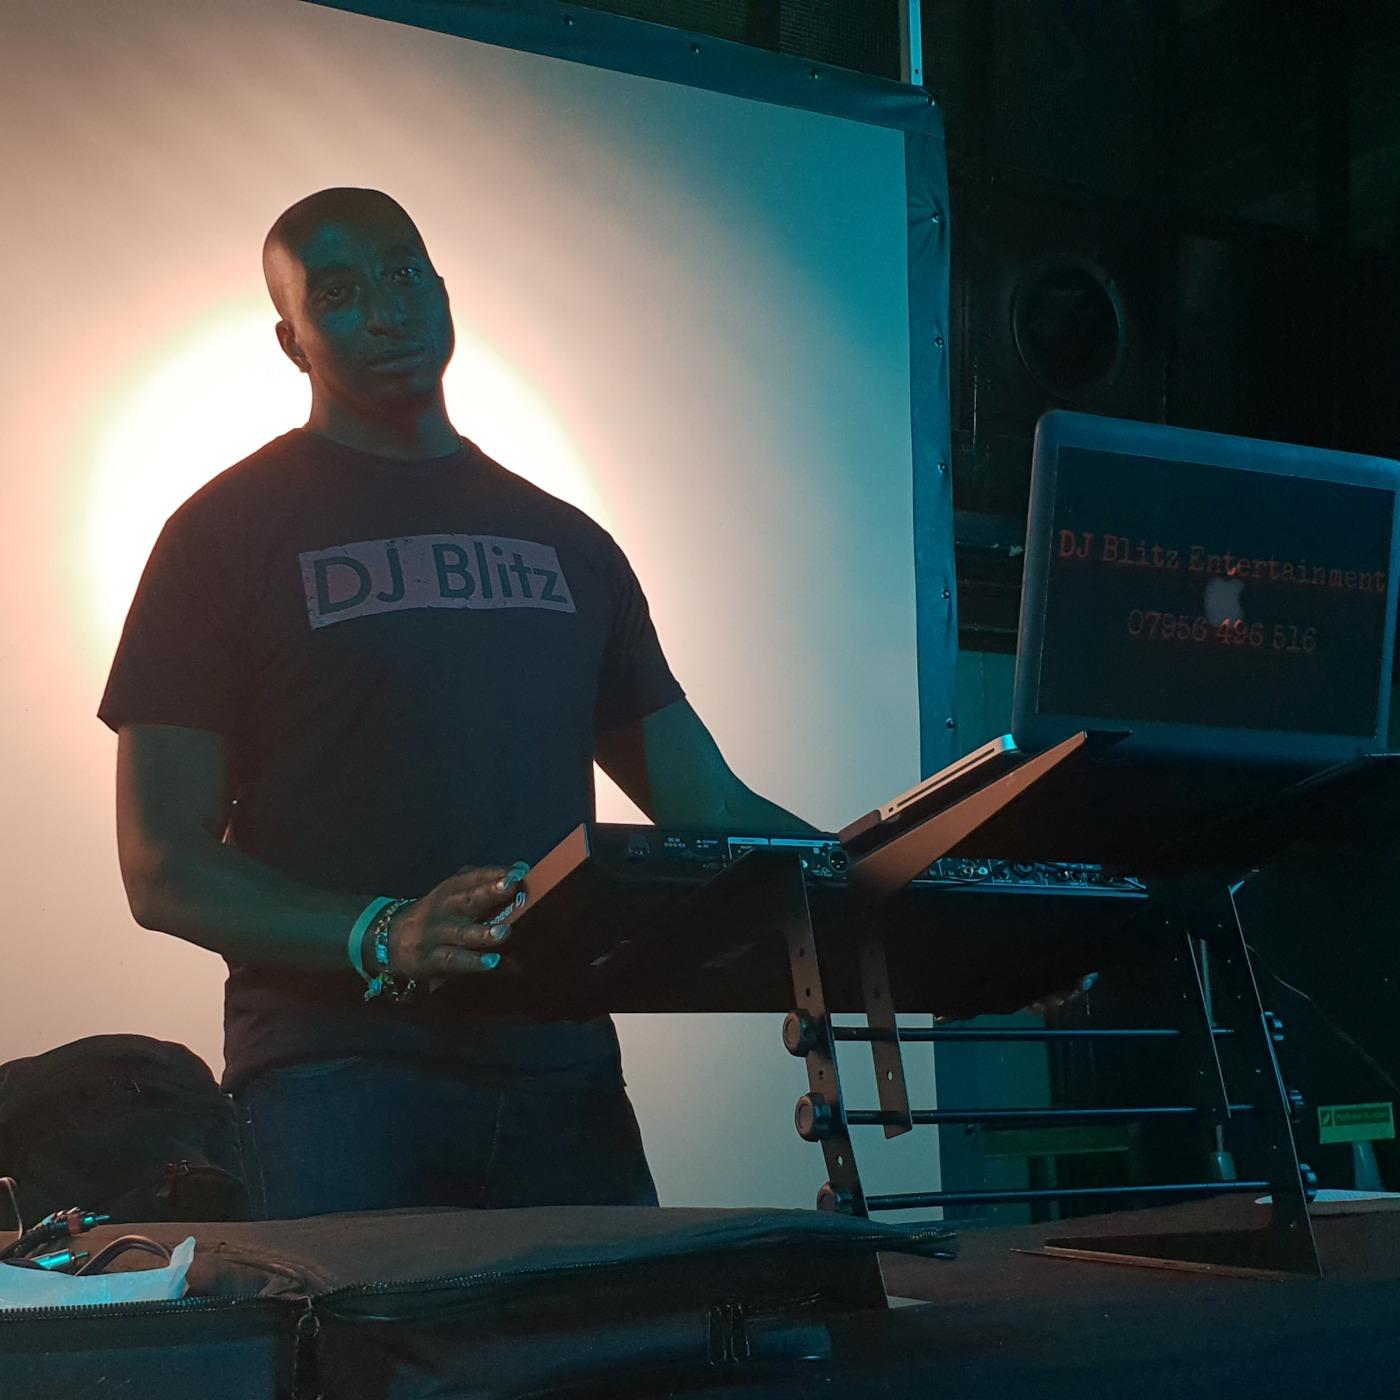 DJ Blitz July 19 - Clean Quick Dancehall Special Mix DJ